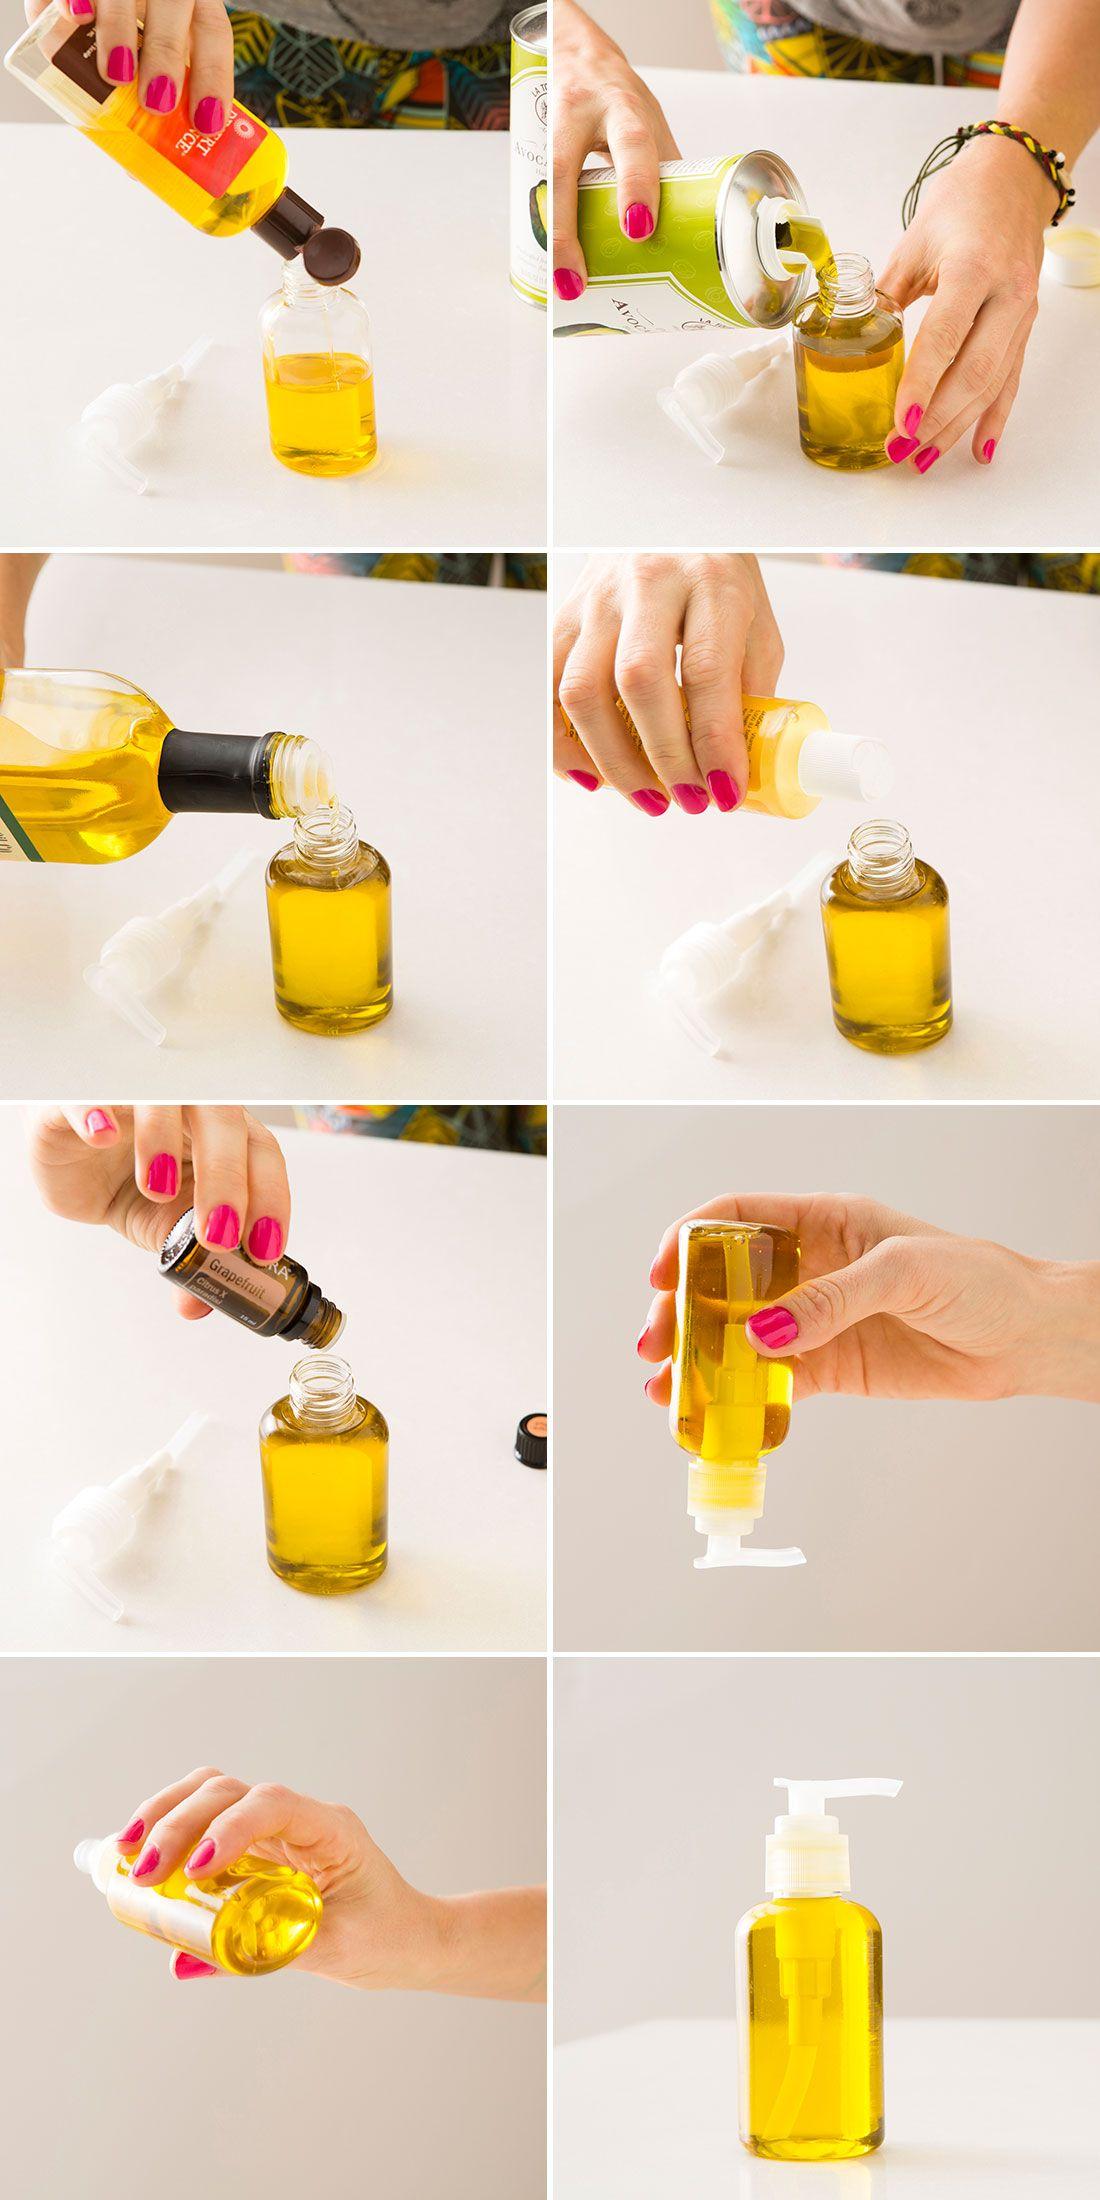 Use olive oil, jojoba oil, avocado oil, and vitamin E oil